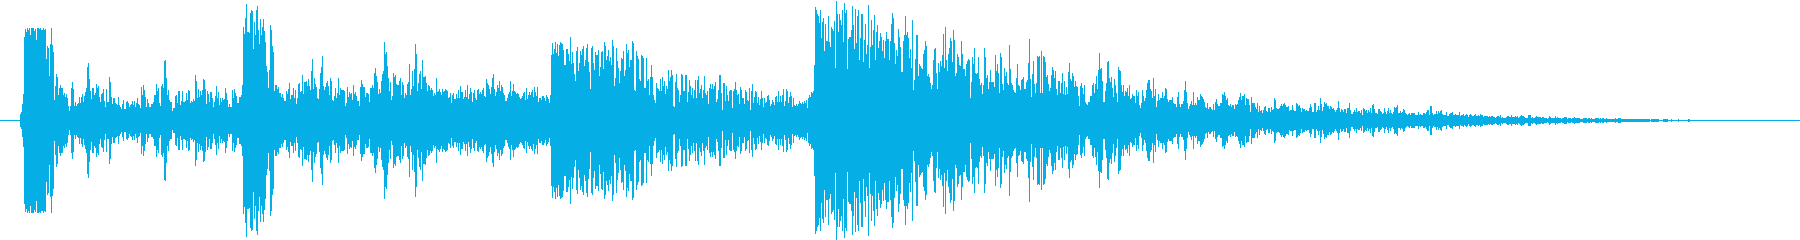 衝撃 エアストライク12の再生済みの波形